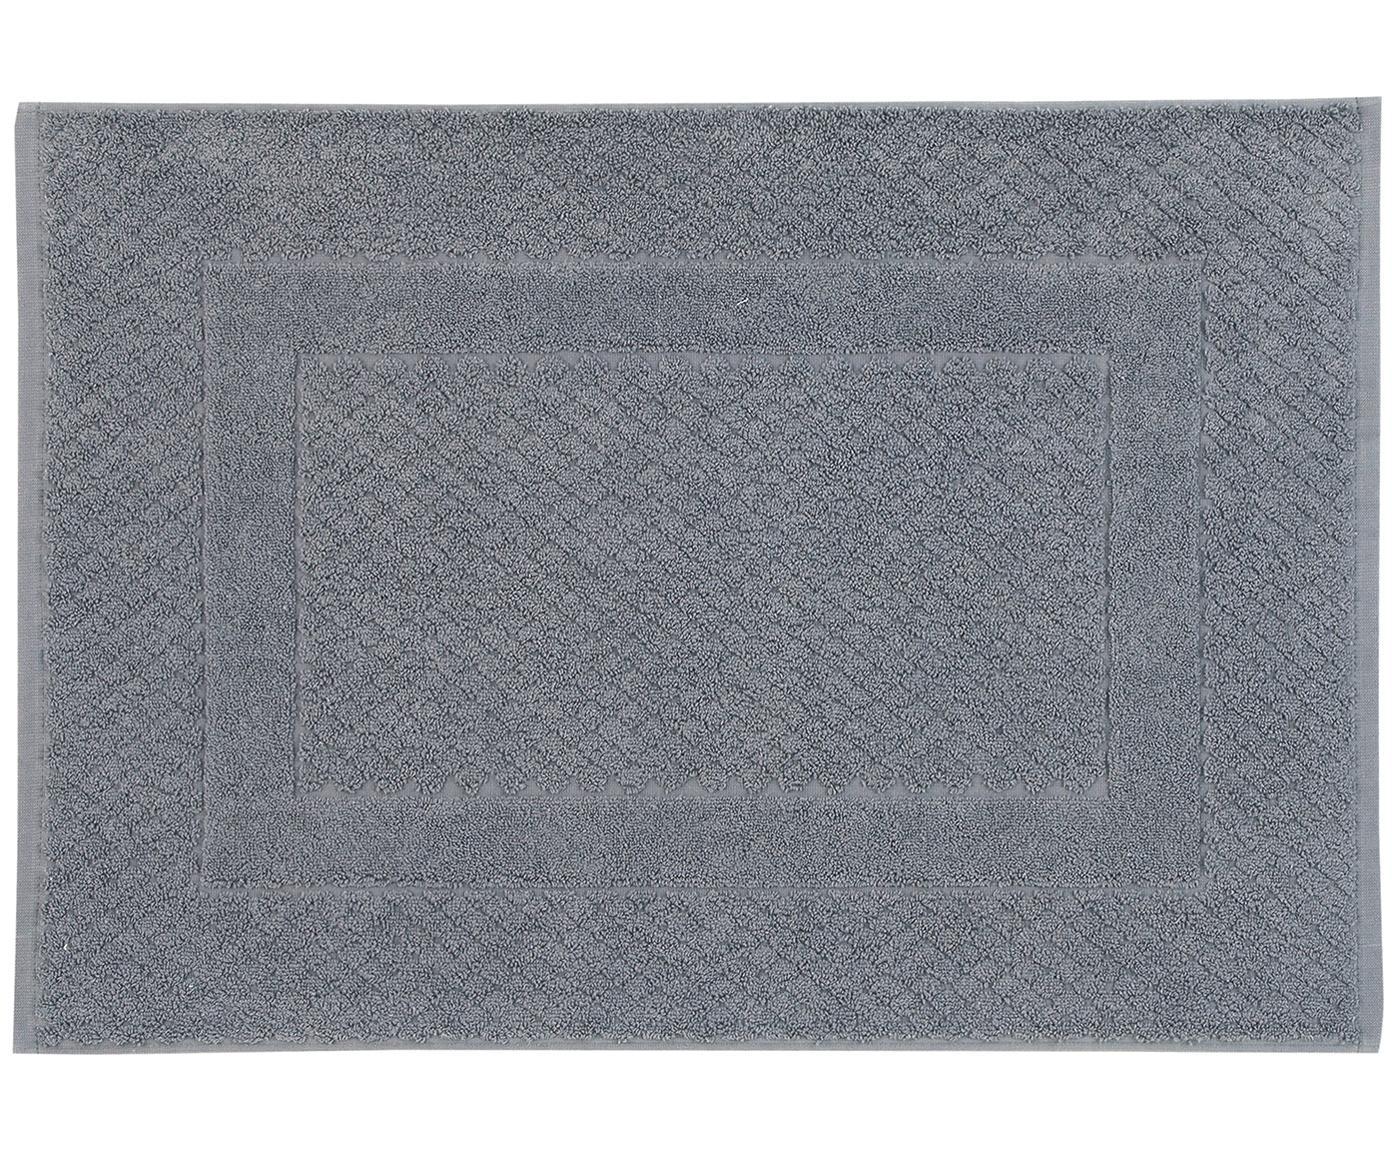 Dywanik łazienkowy Katharina, 100% bawełna, wysoka gramatura, 900g/m², Ciemnyszary, S 50 x D 70 cm